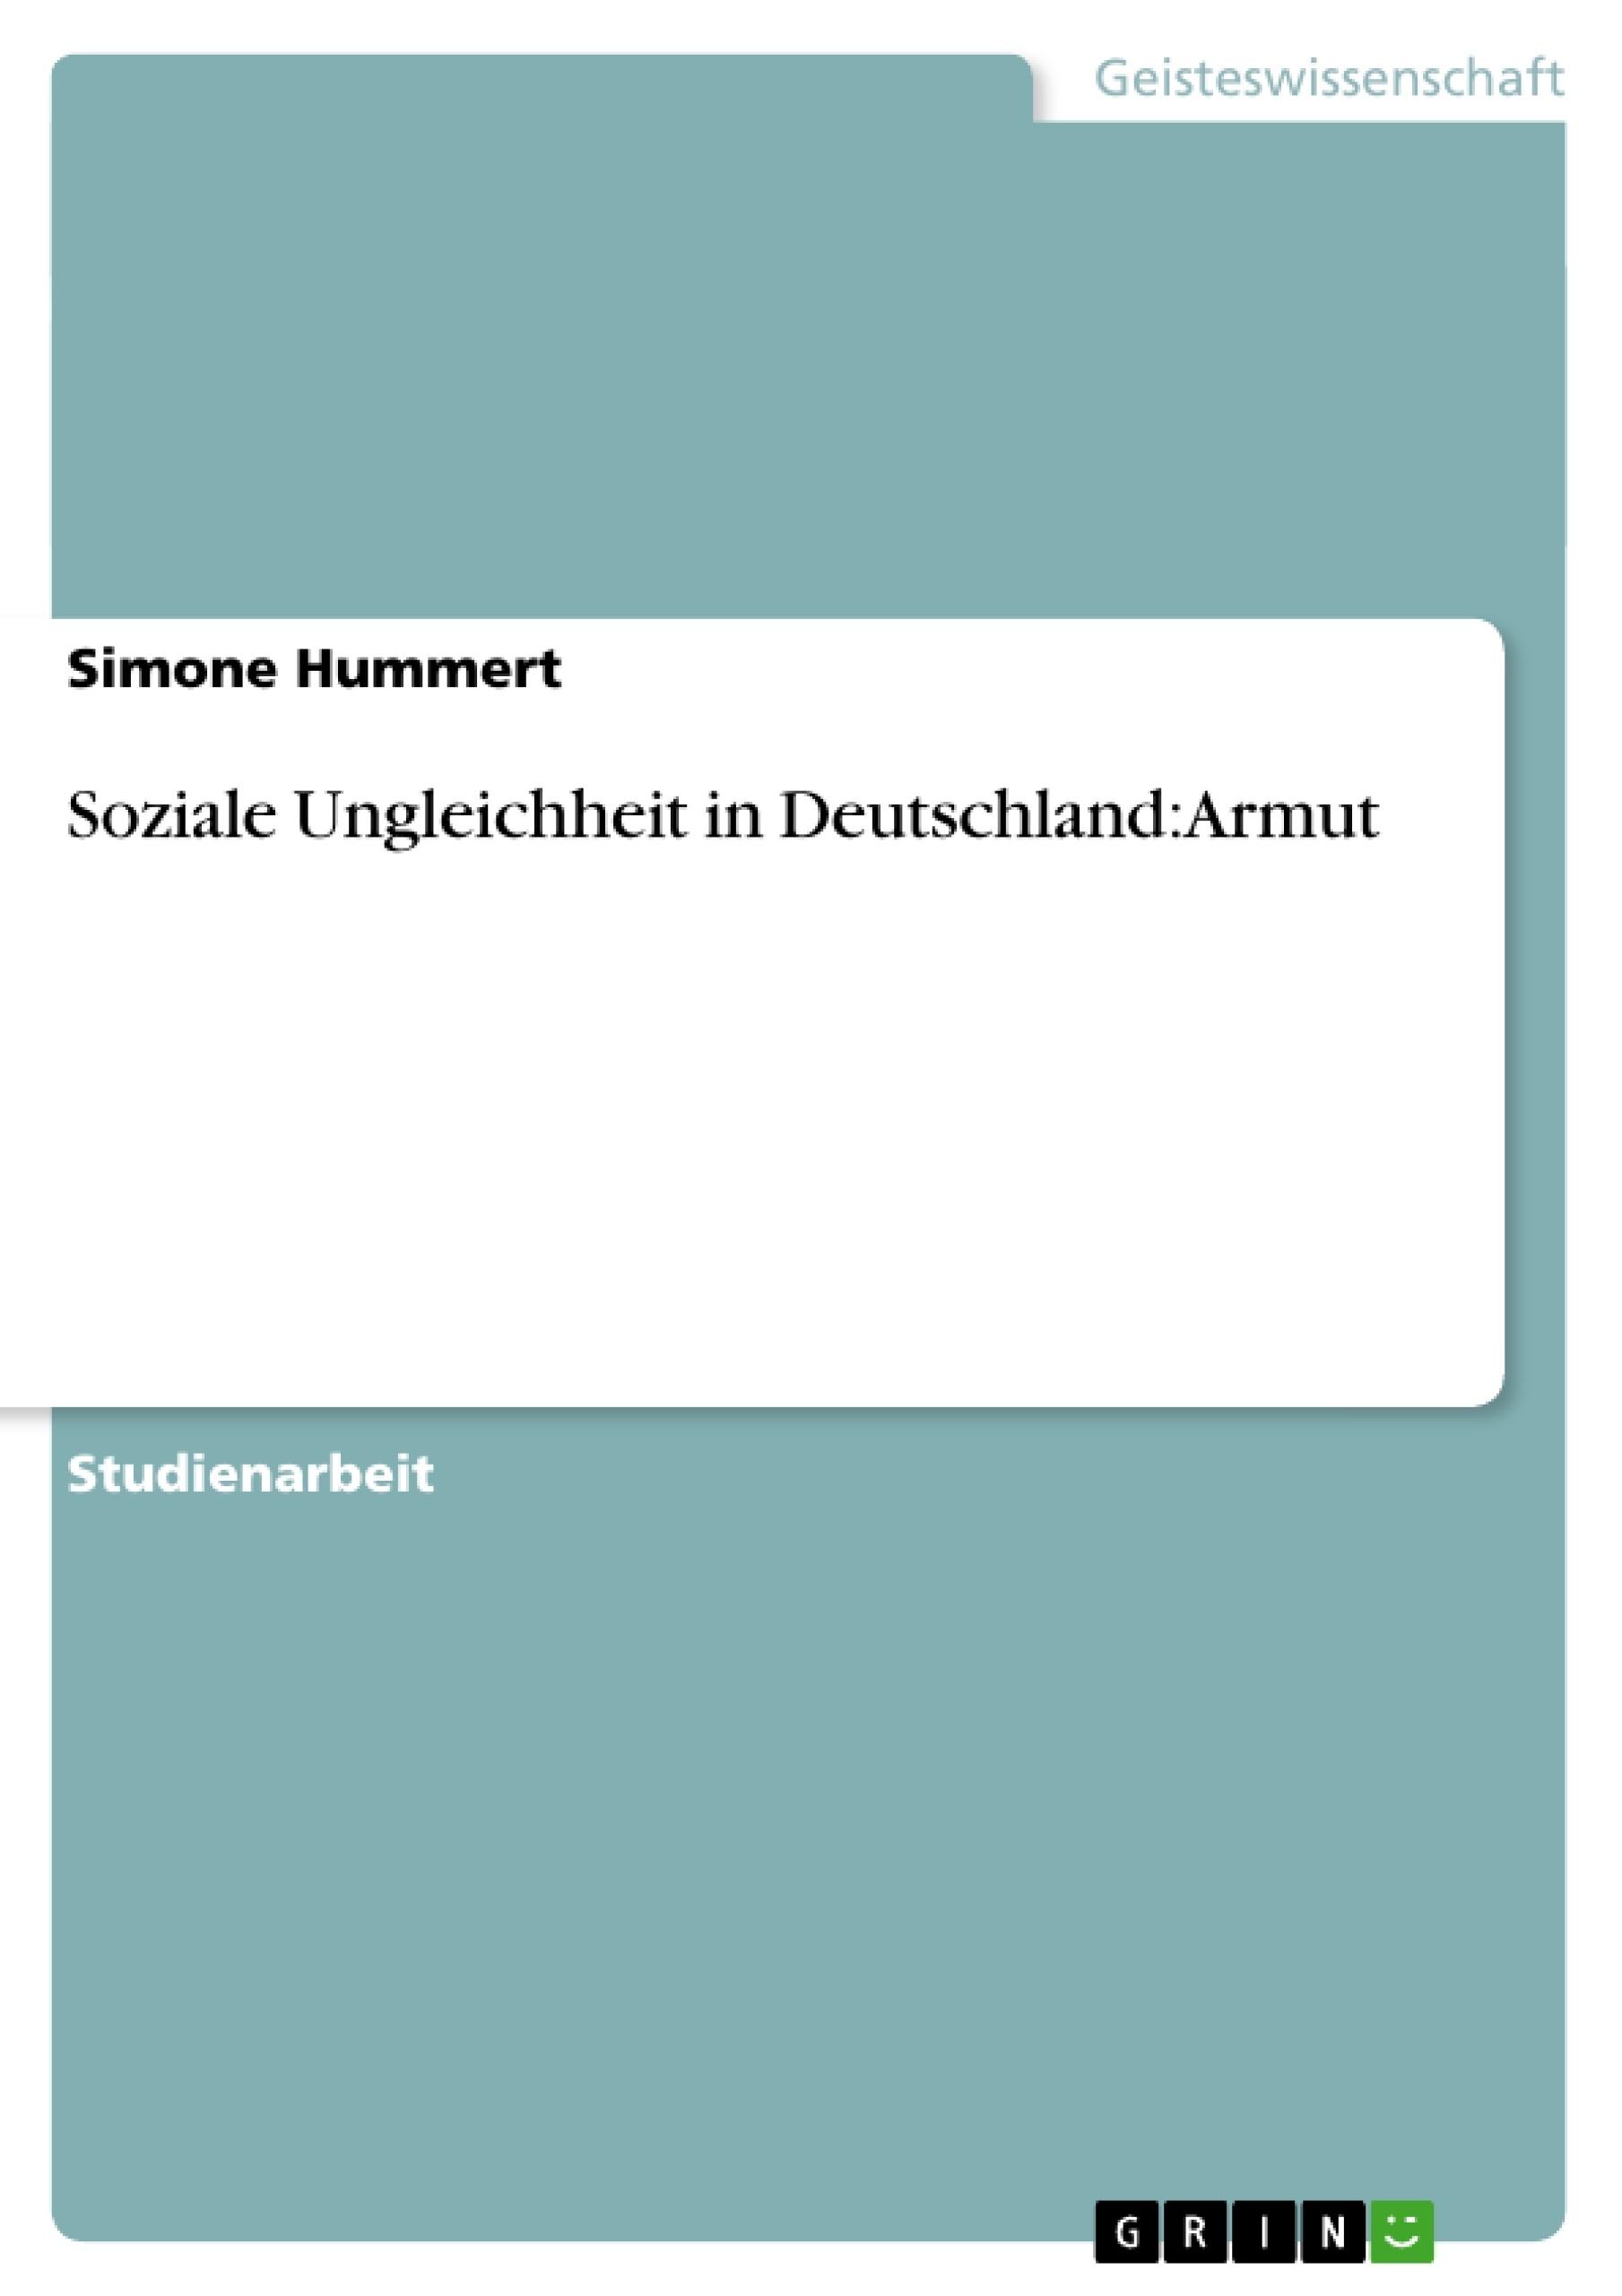 Titel: Soziale Ungleichheit in Deutschland: Armut